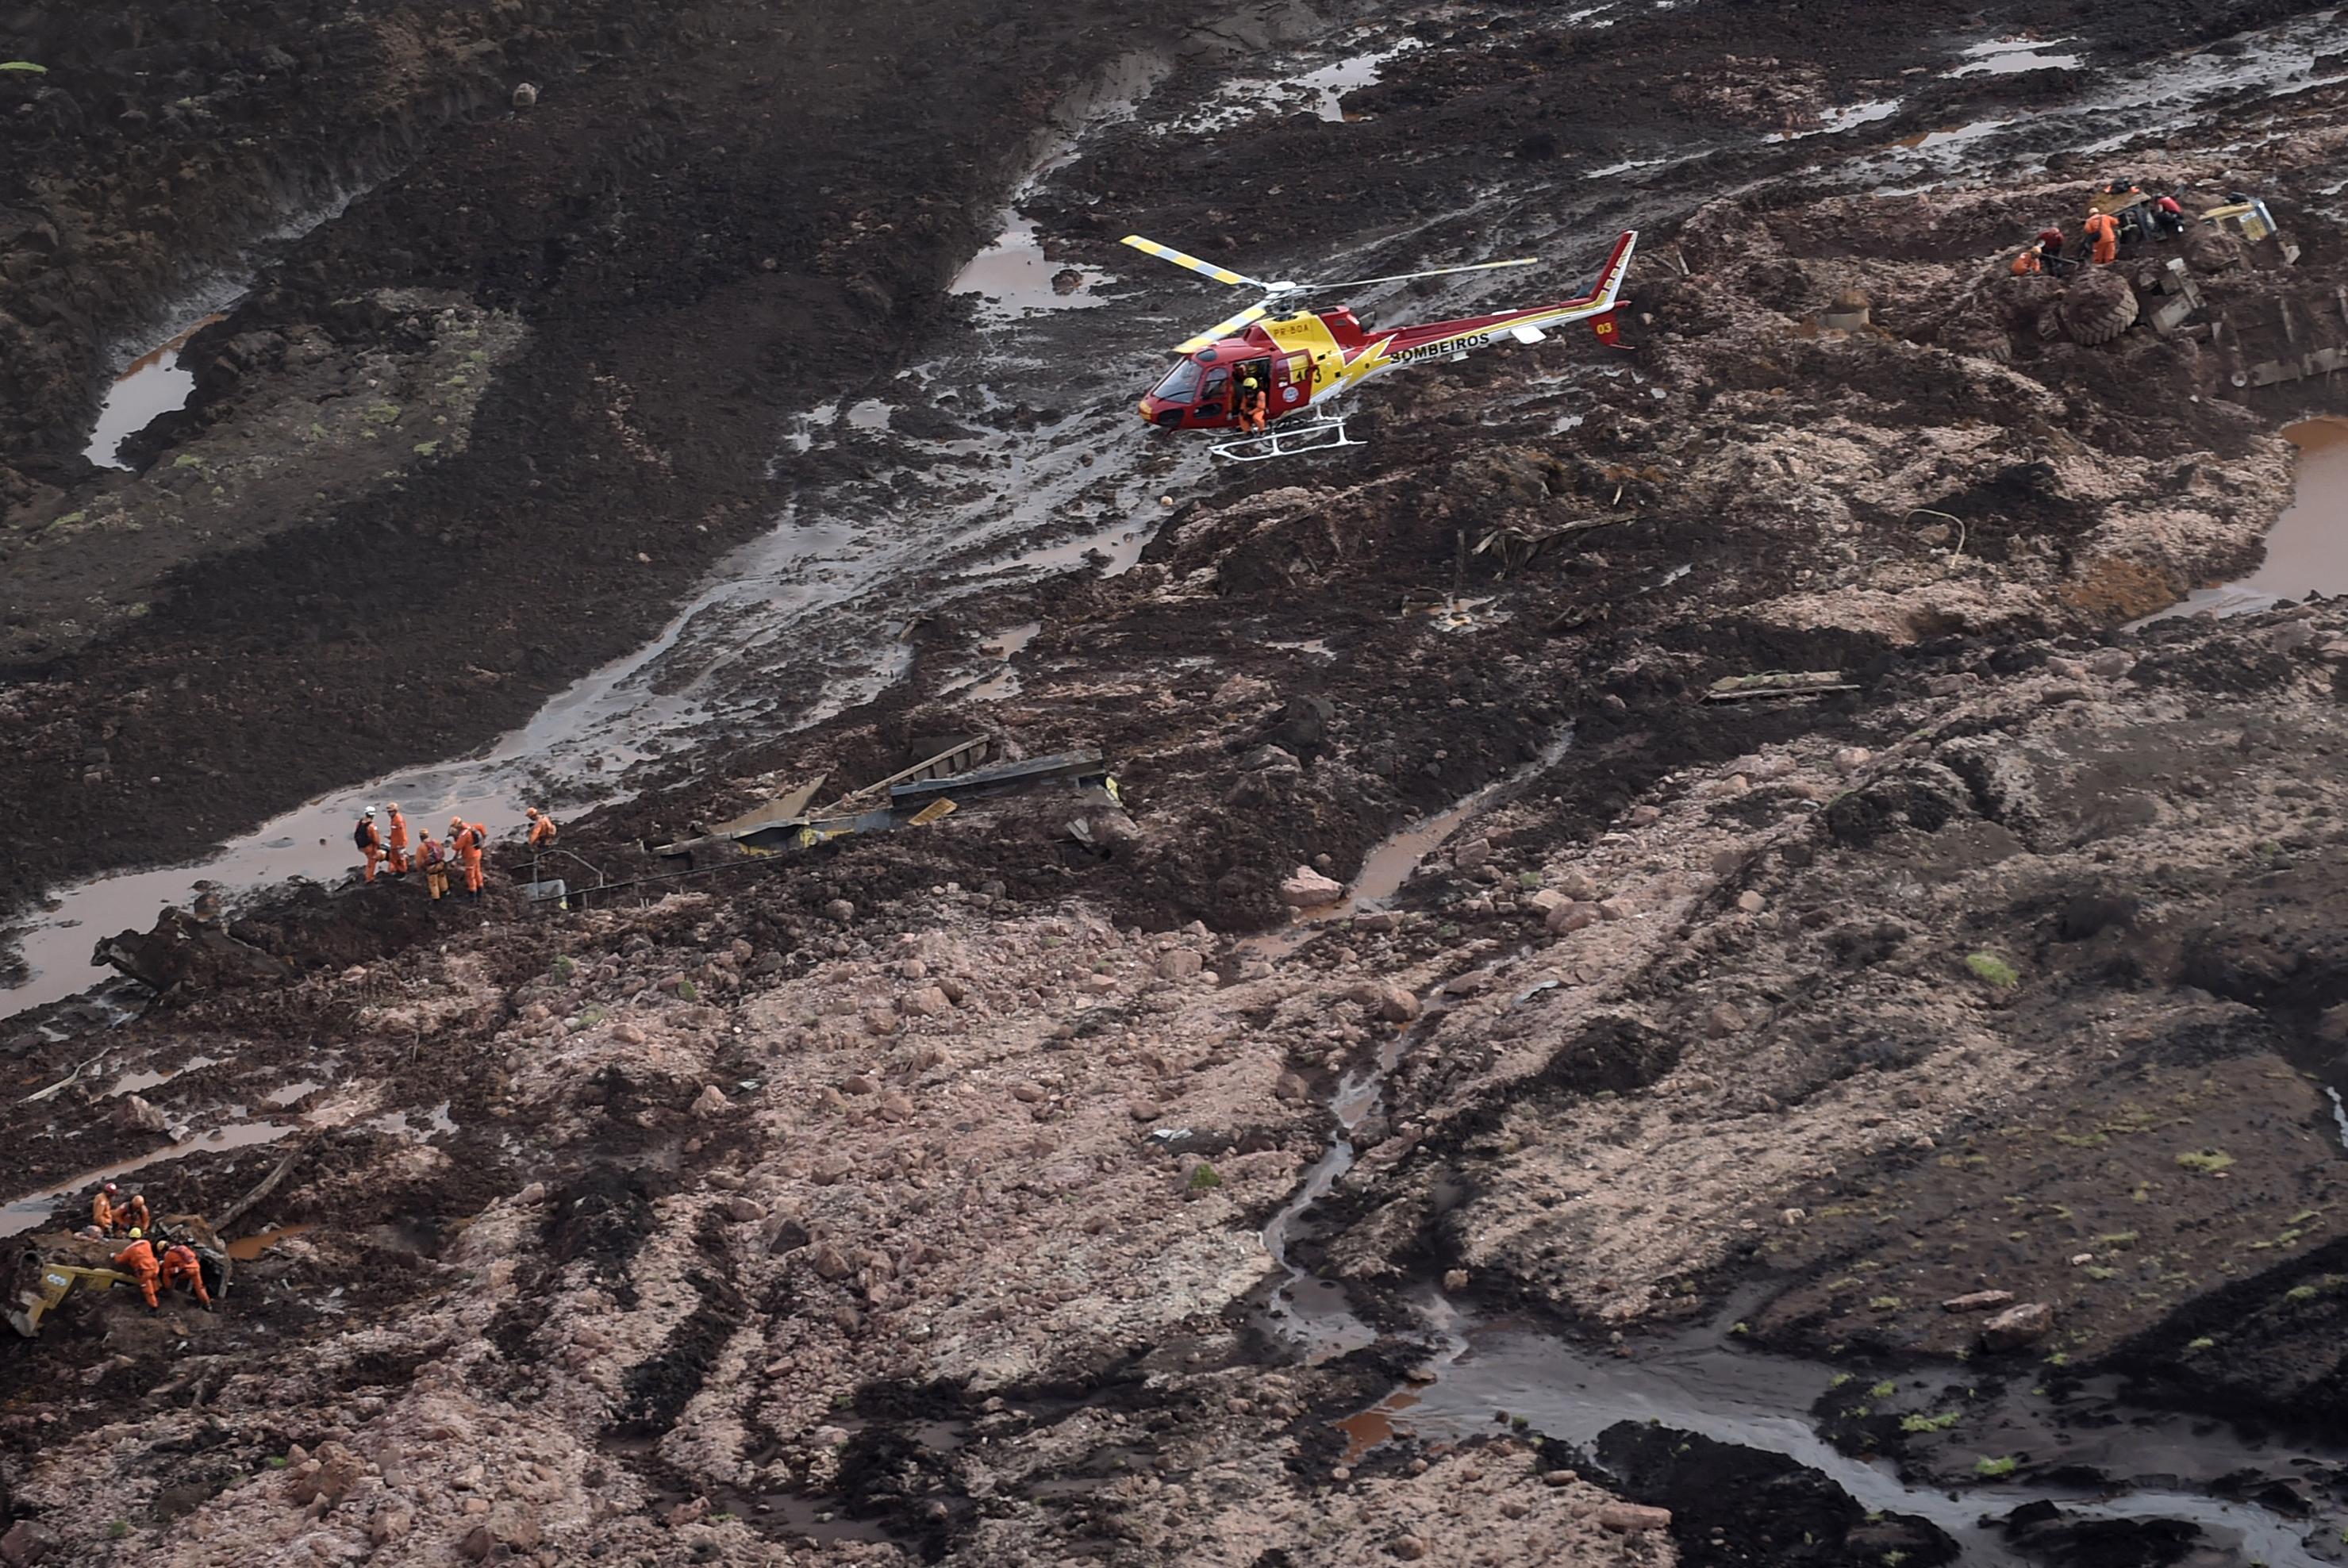 7 milliárd dollár kártérítést fizet a brazil bányavállalat a 272 életet követelő gátszakadásért